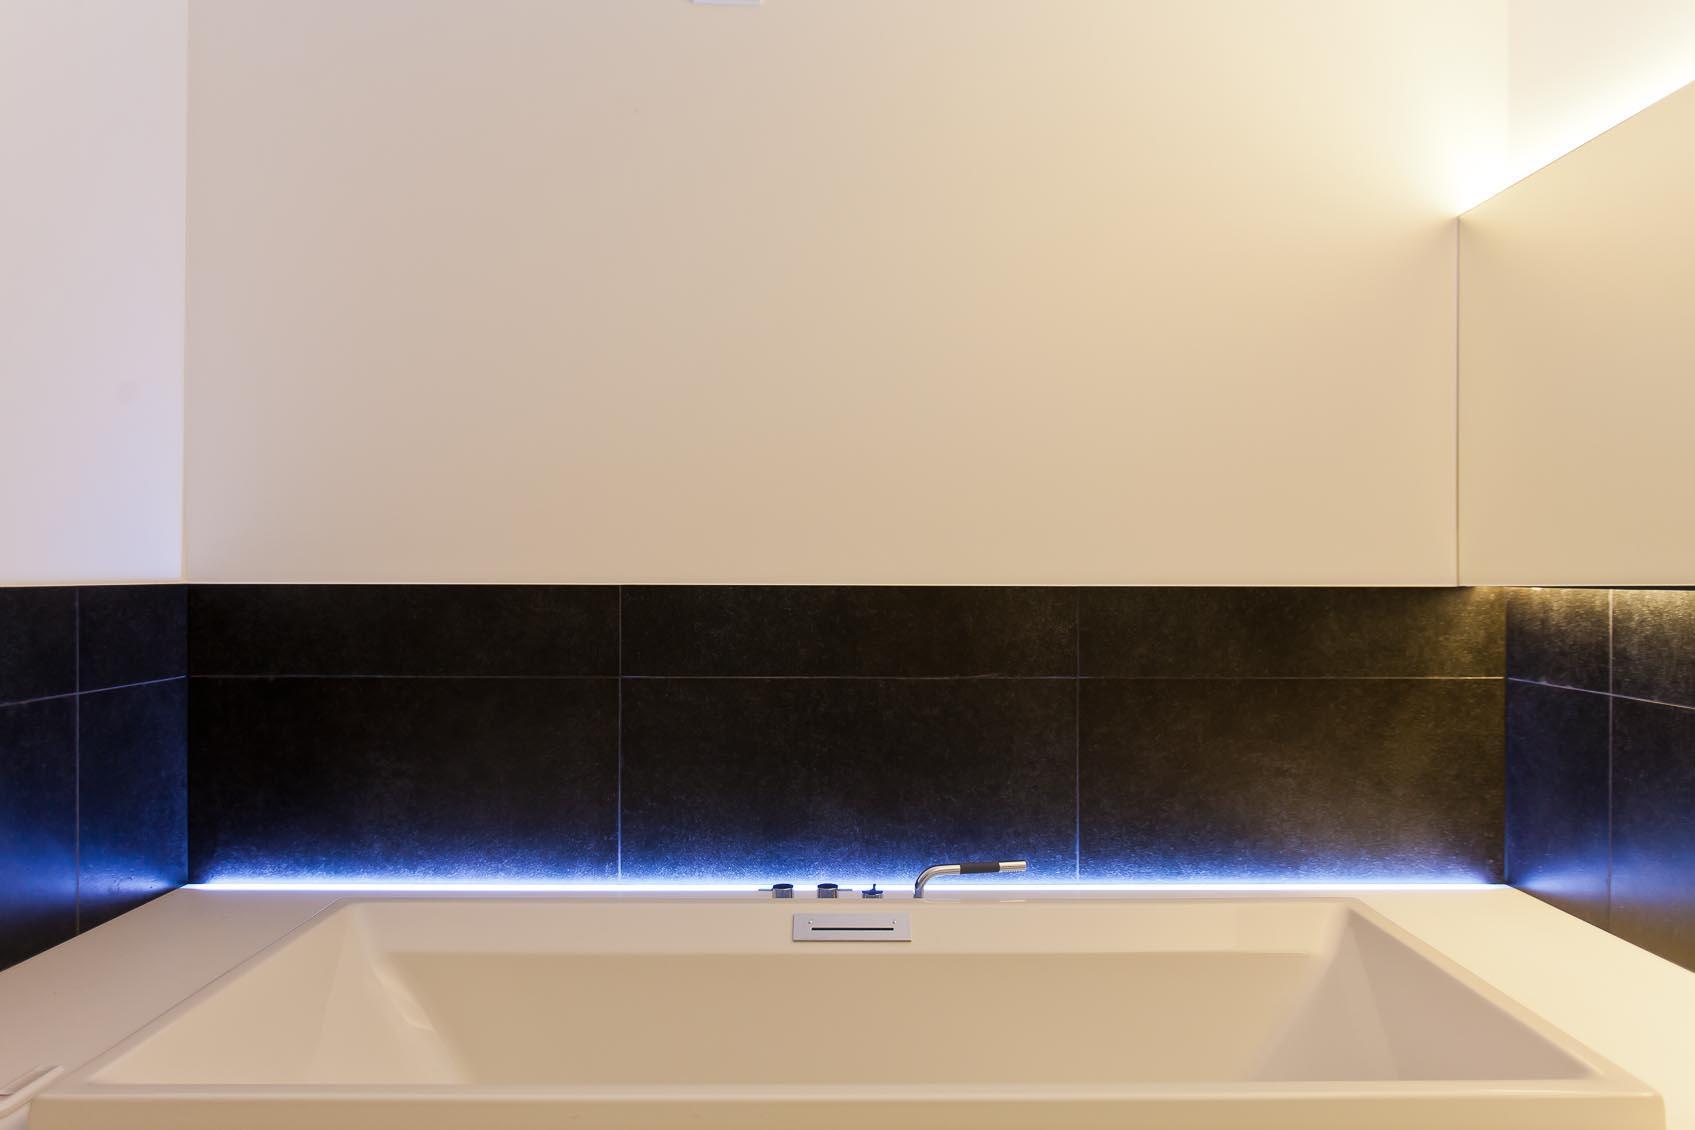 toepassing spatwaterdichte led strip c2 inbouw uit de collectie viabizzuno